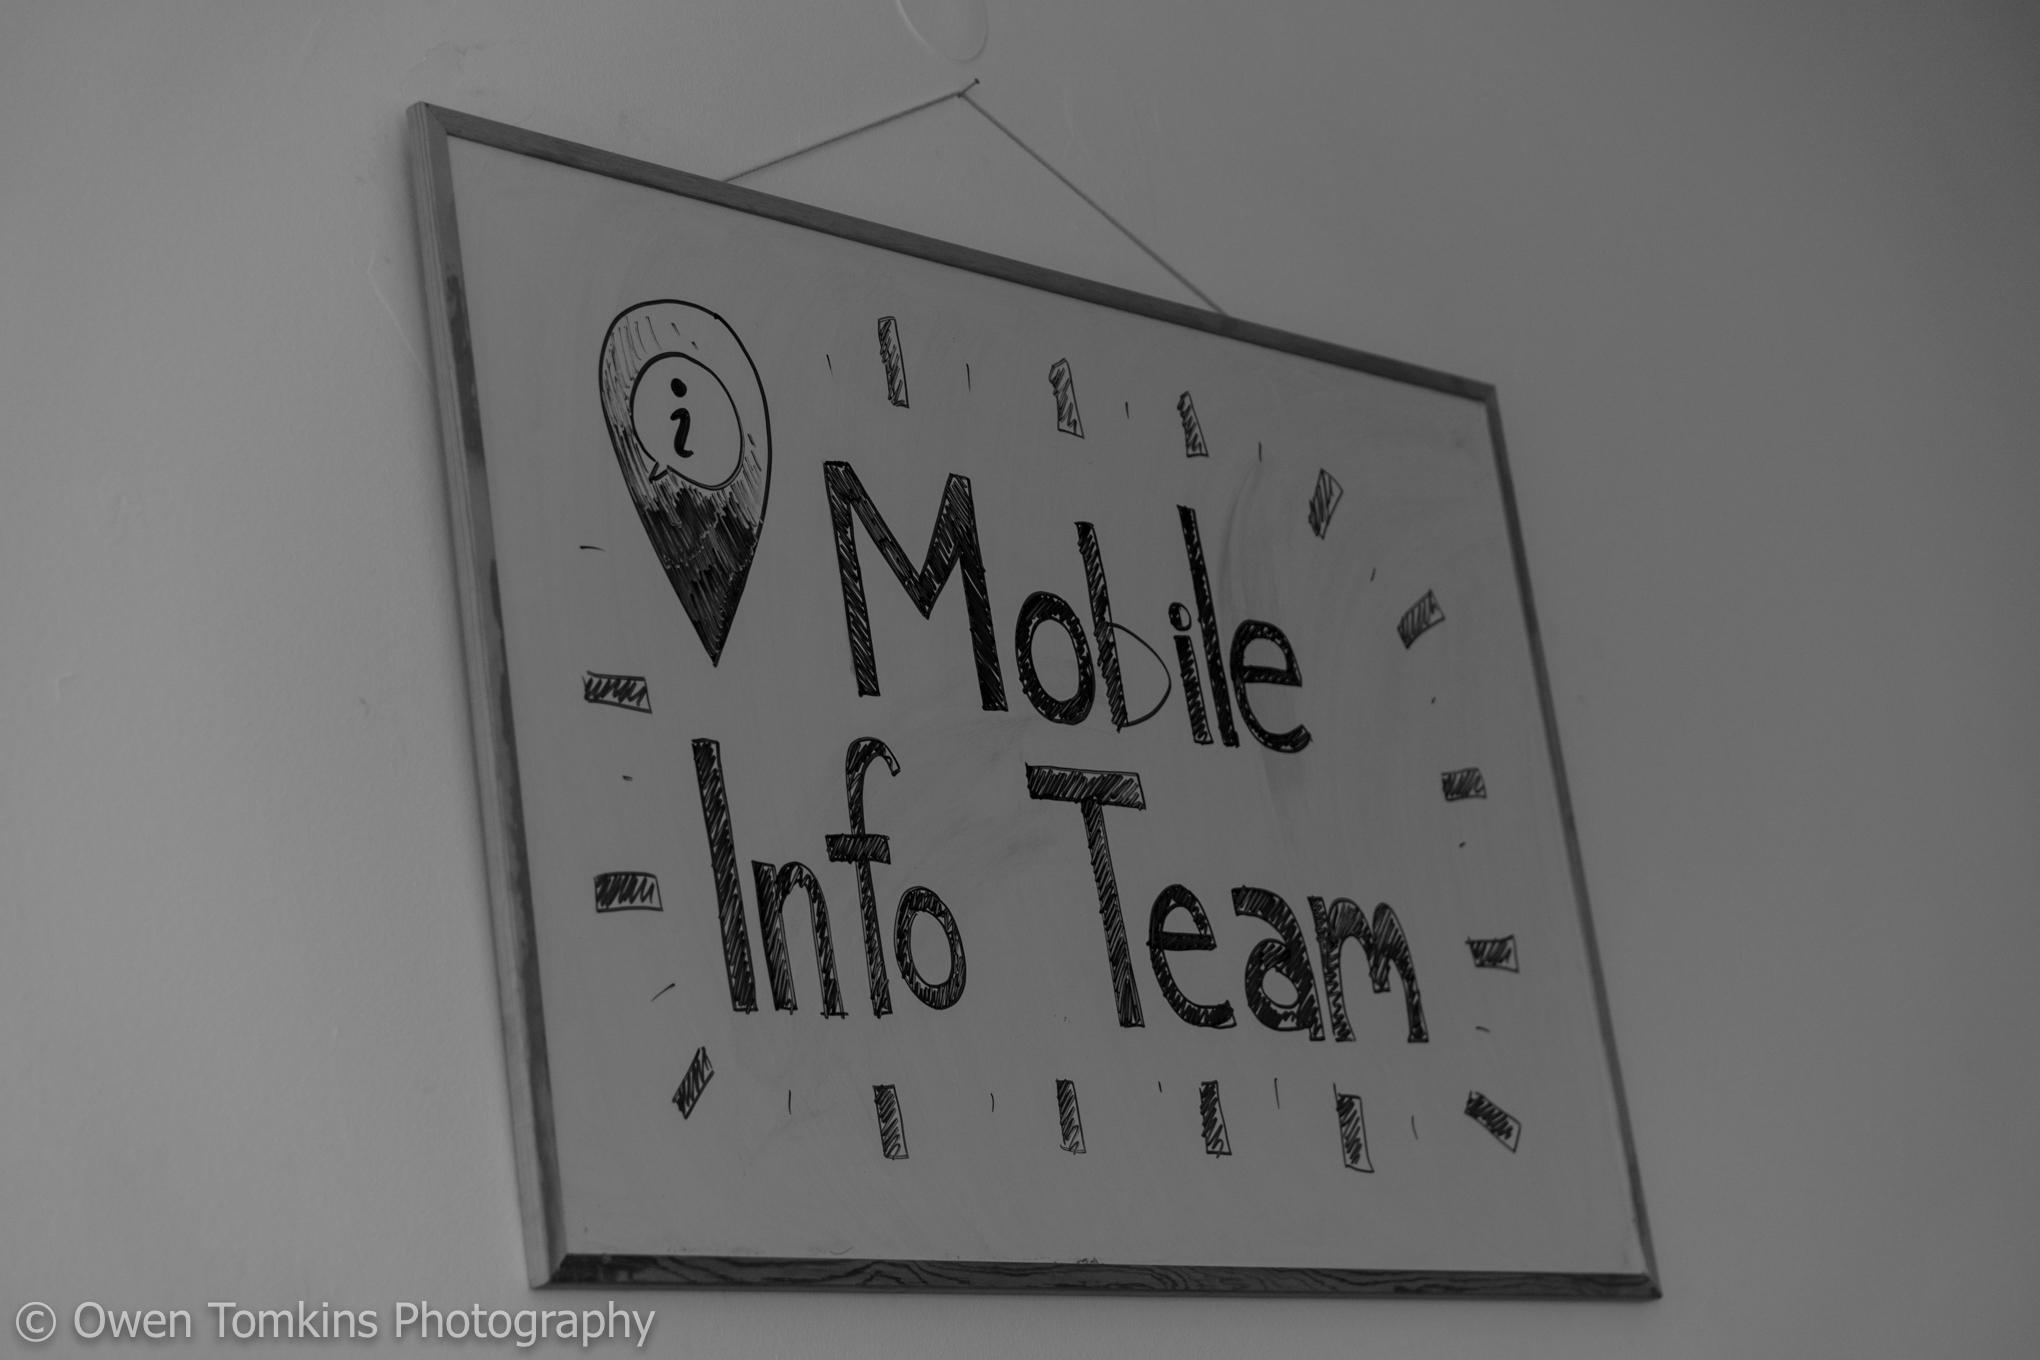 Mobile Info Team.jpg